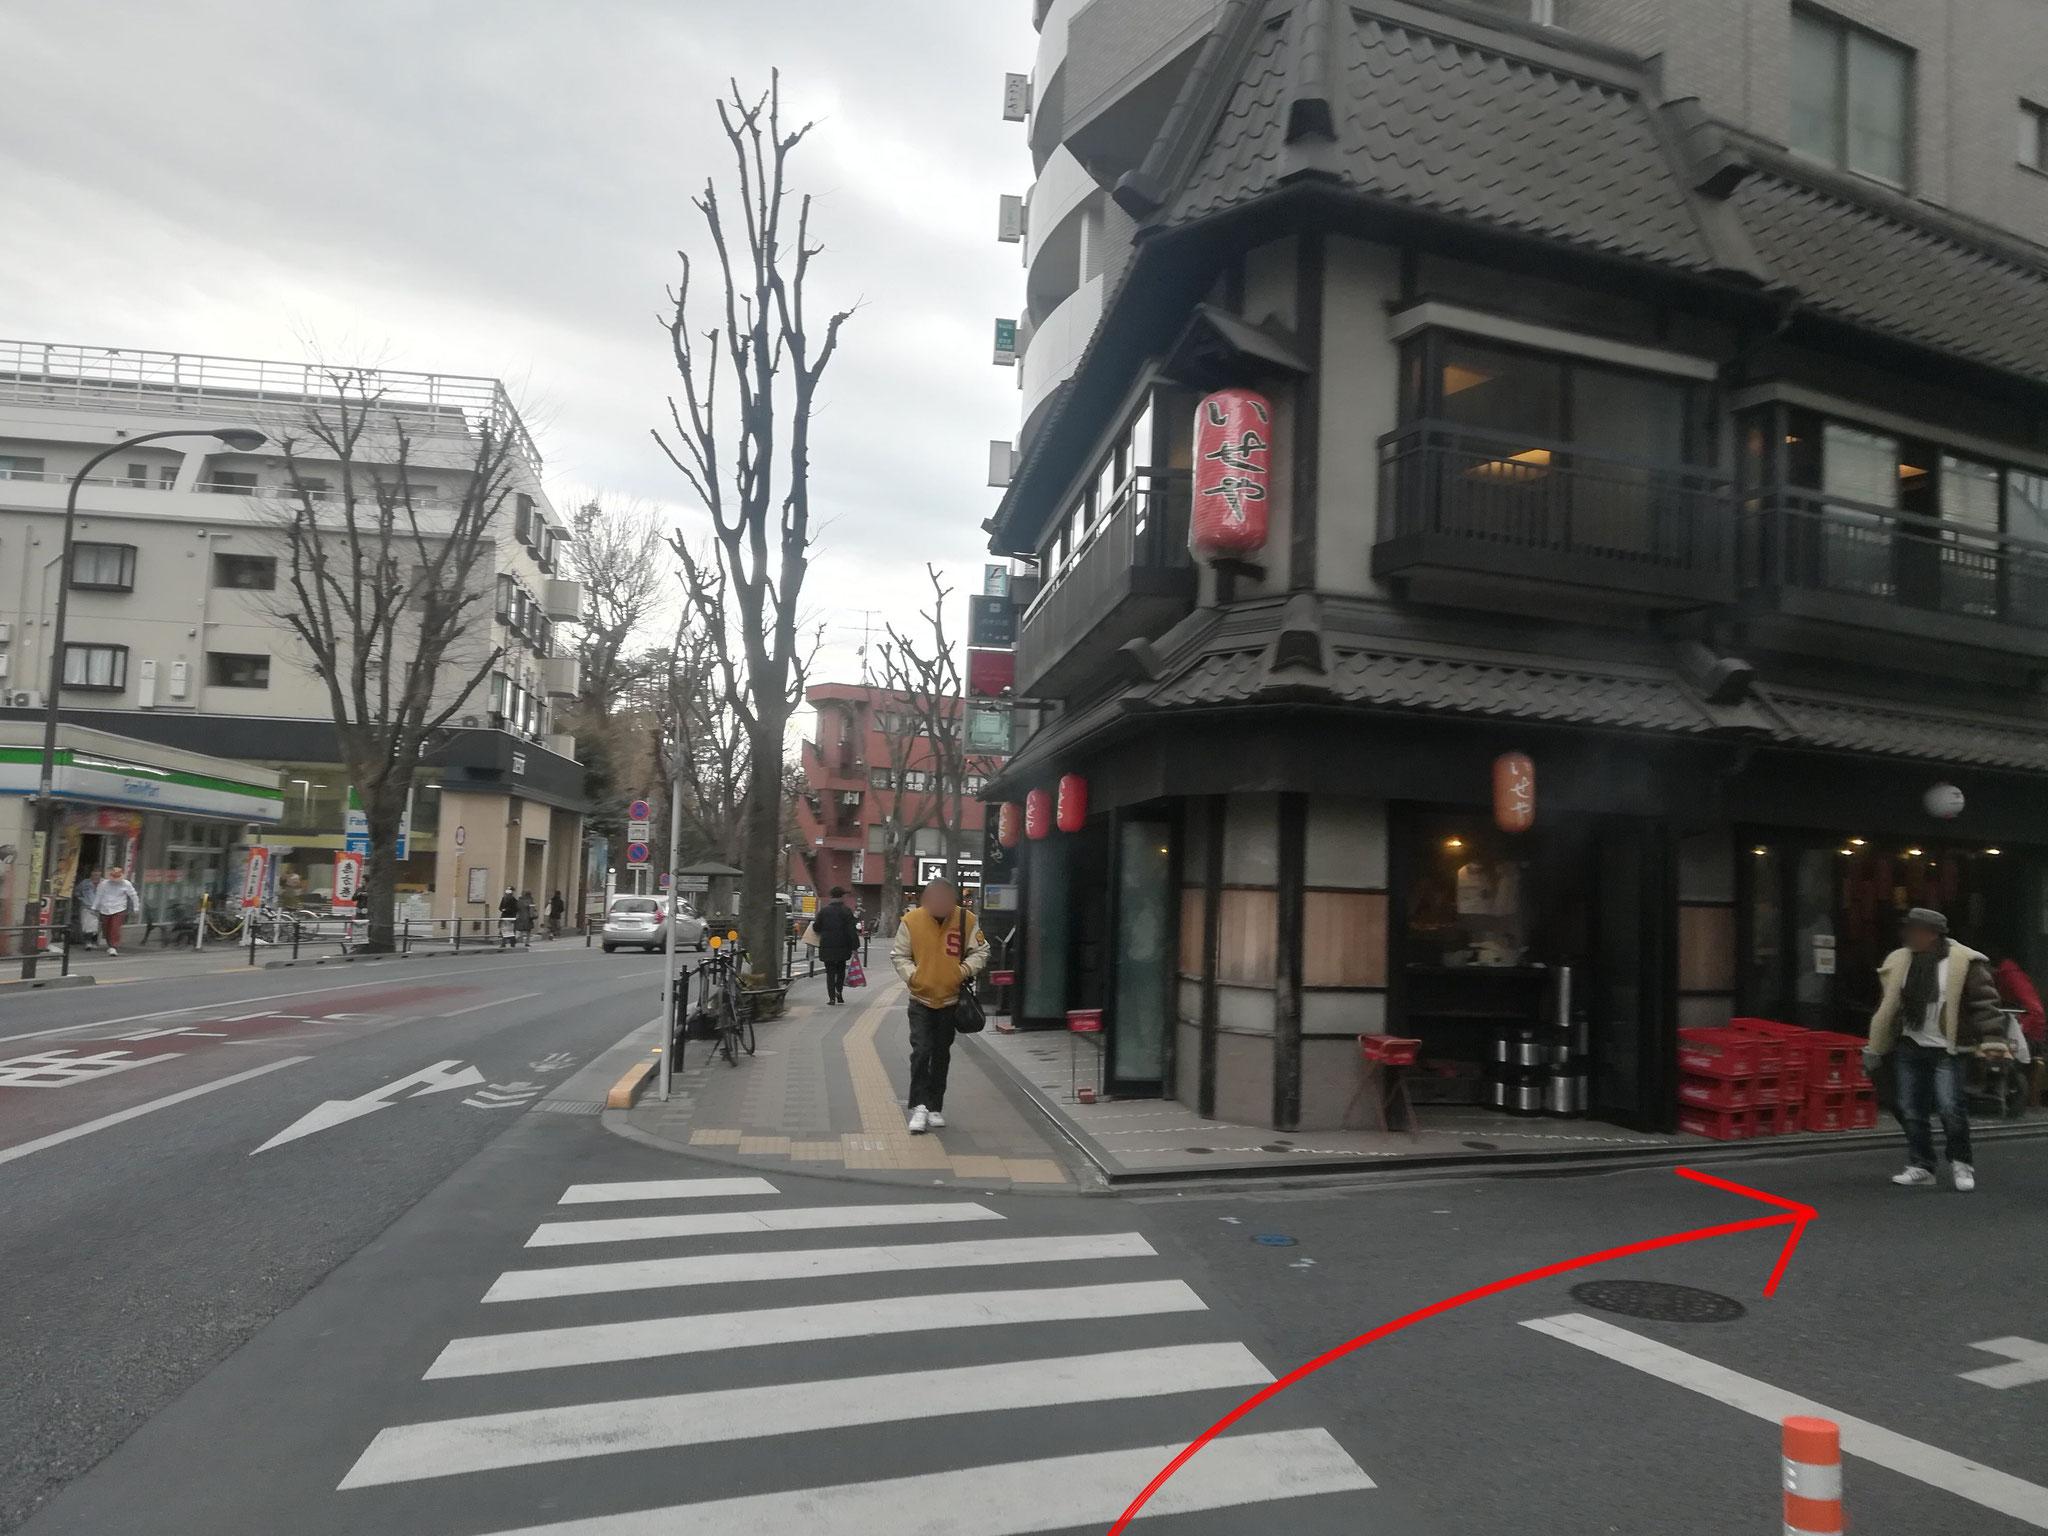 吉祥寺通りを直進し、1本目の角を右折します(赤いちょうちんが目印)